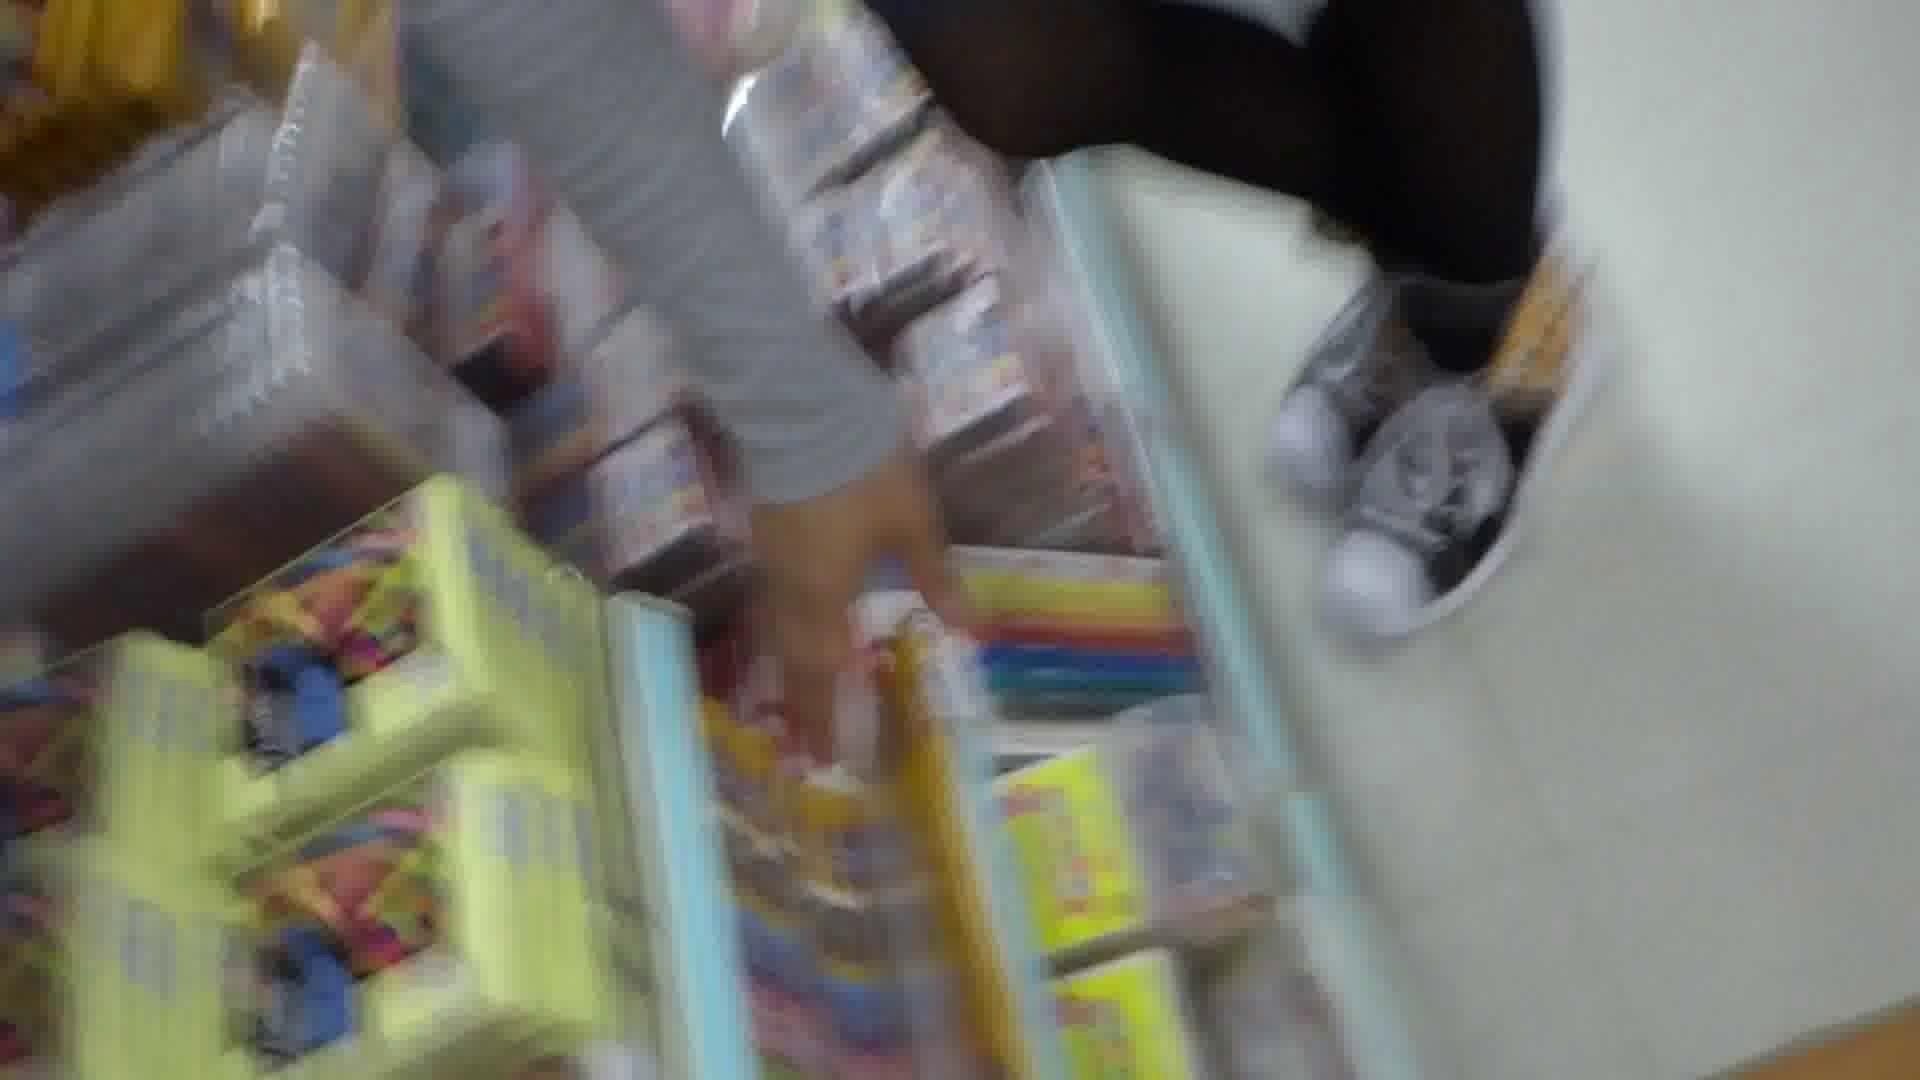 近所のお店は危険がイッパイ vol.8 OLセックス  88画像 68